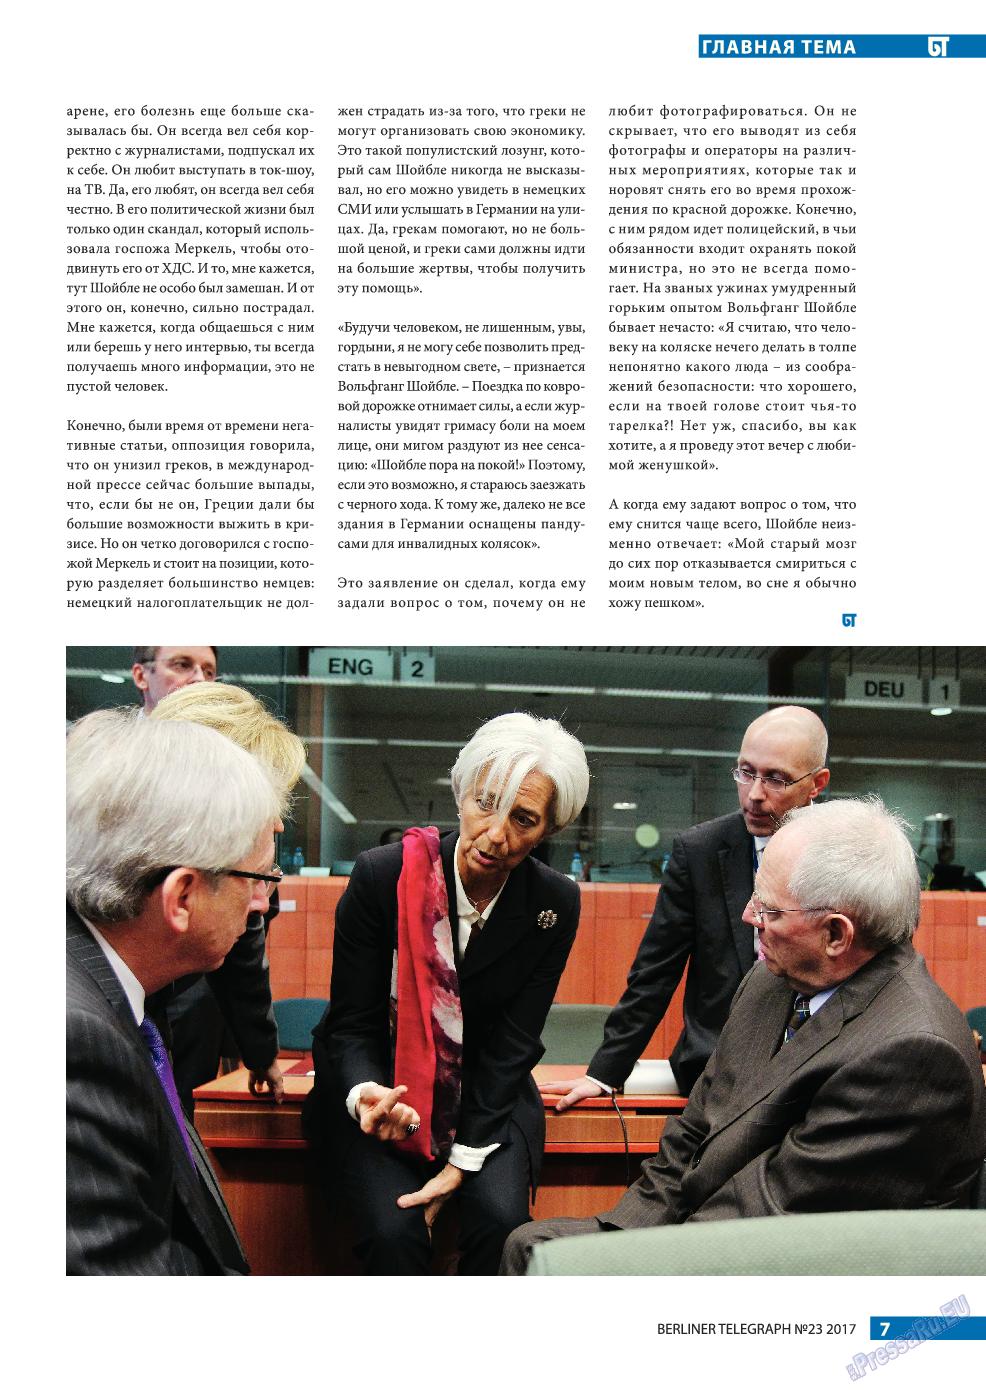 Берлинский телеграф (журнал). 2017 год, номер 23, стр. 7